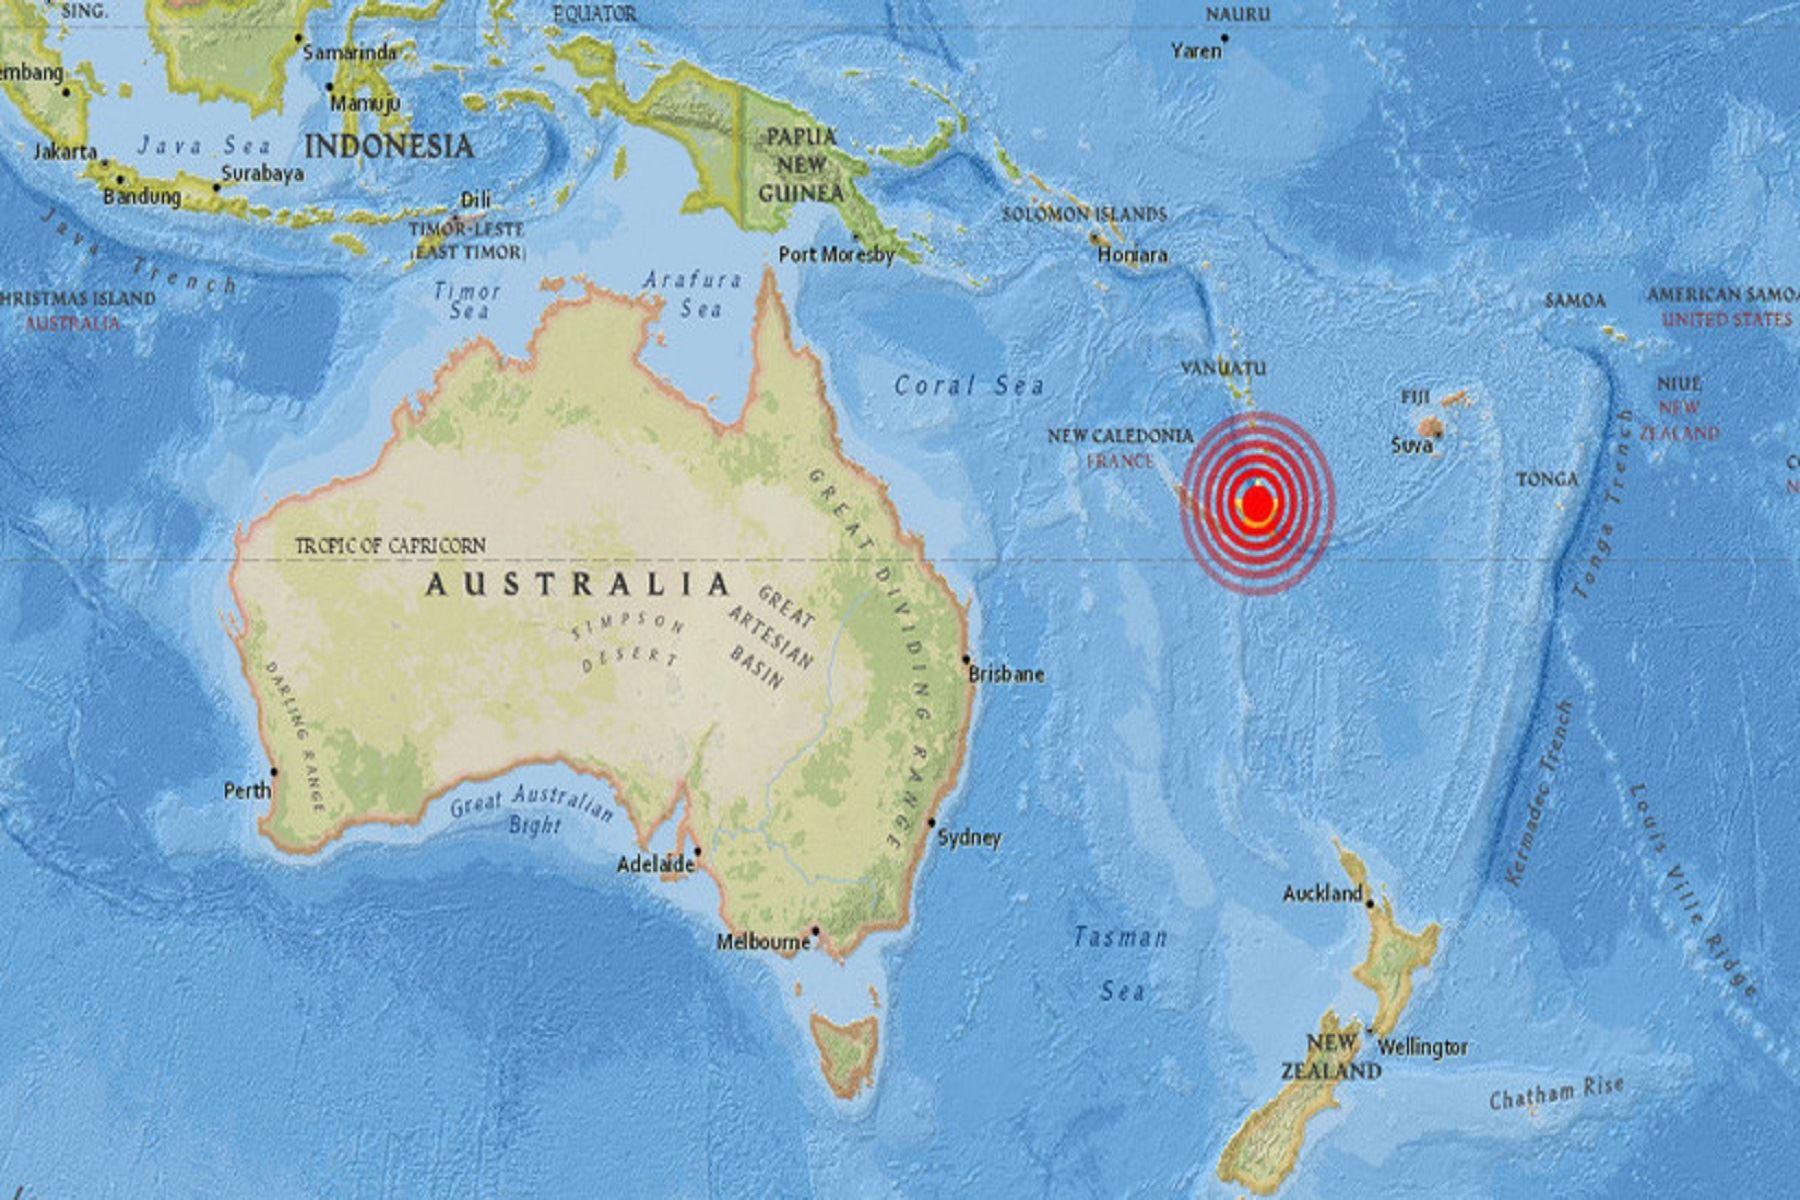 Epicentro de terremoto en Nueva Caledonia. Foto: Internet.